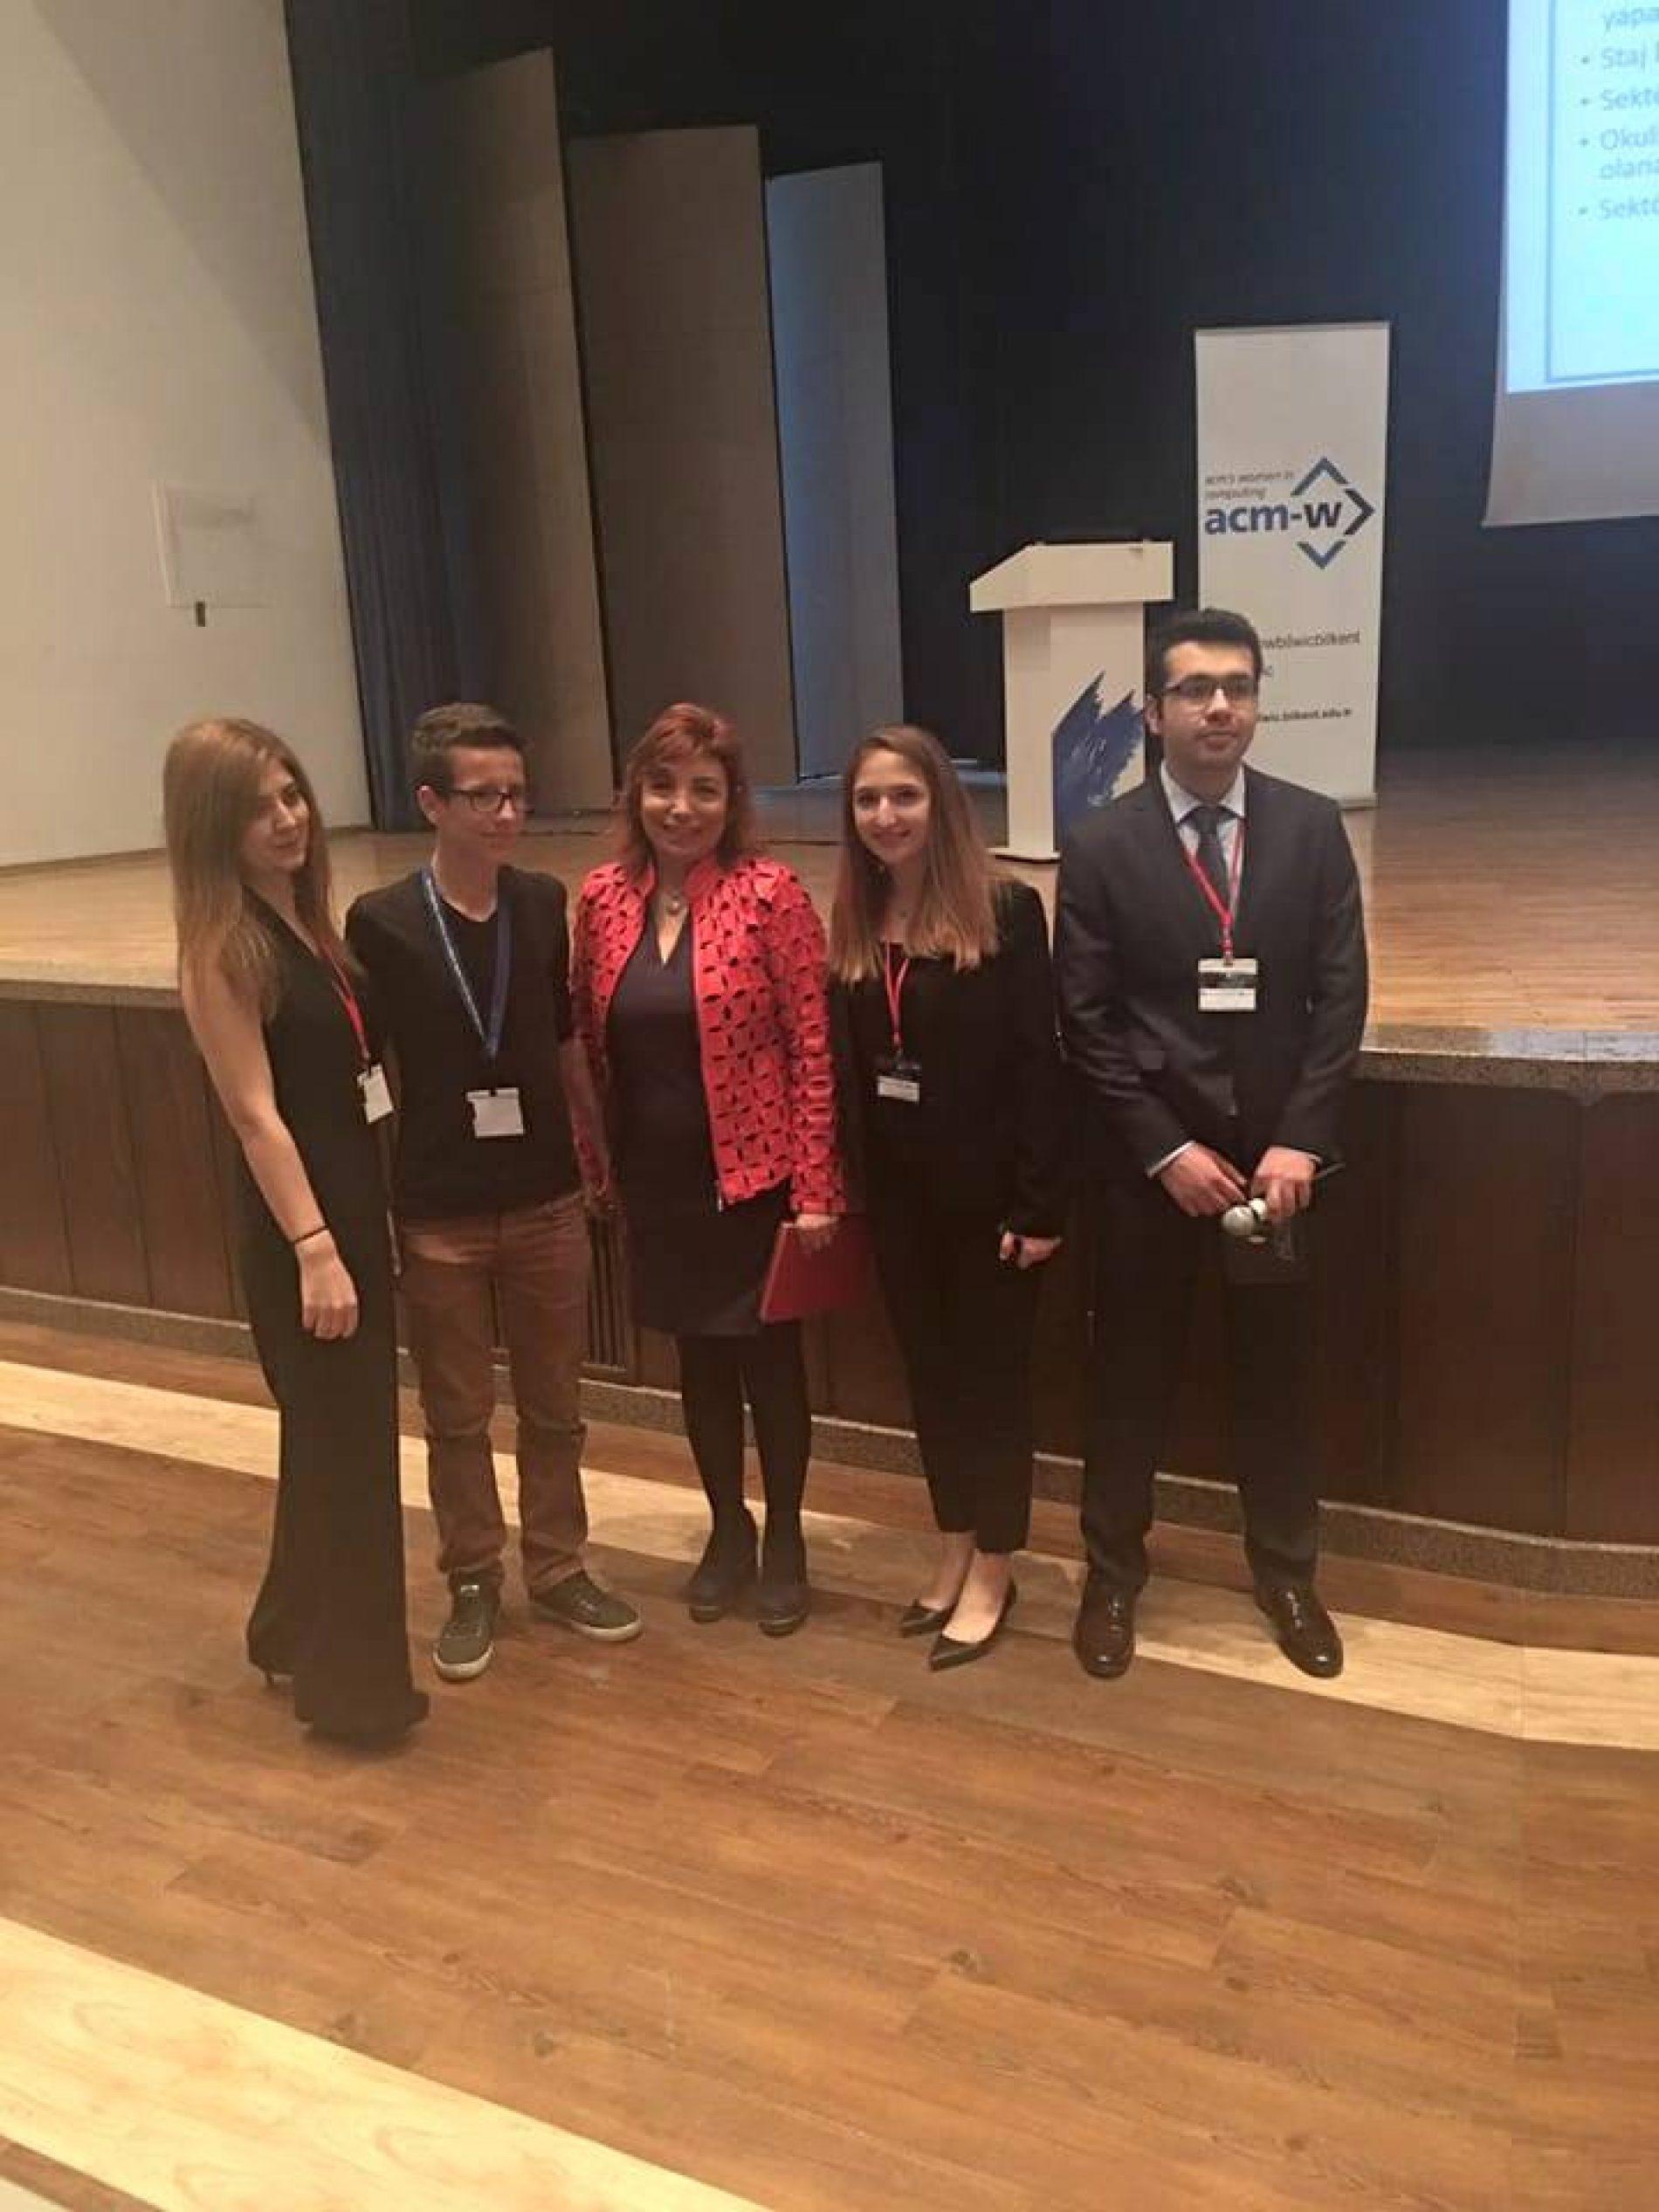 TBD Ankara Şubesi Başkanı Nurcan Sunay Gençlere İş Hayatını ve Bilişim Kariyerini Anlattı.